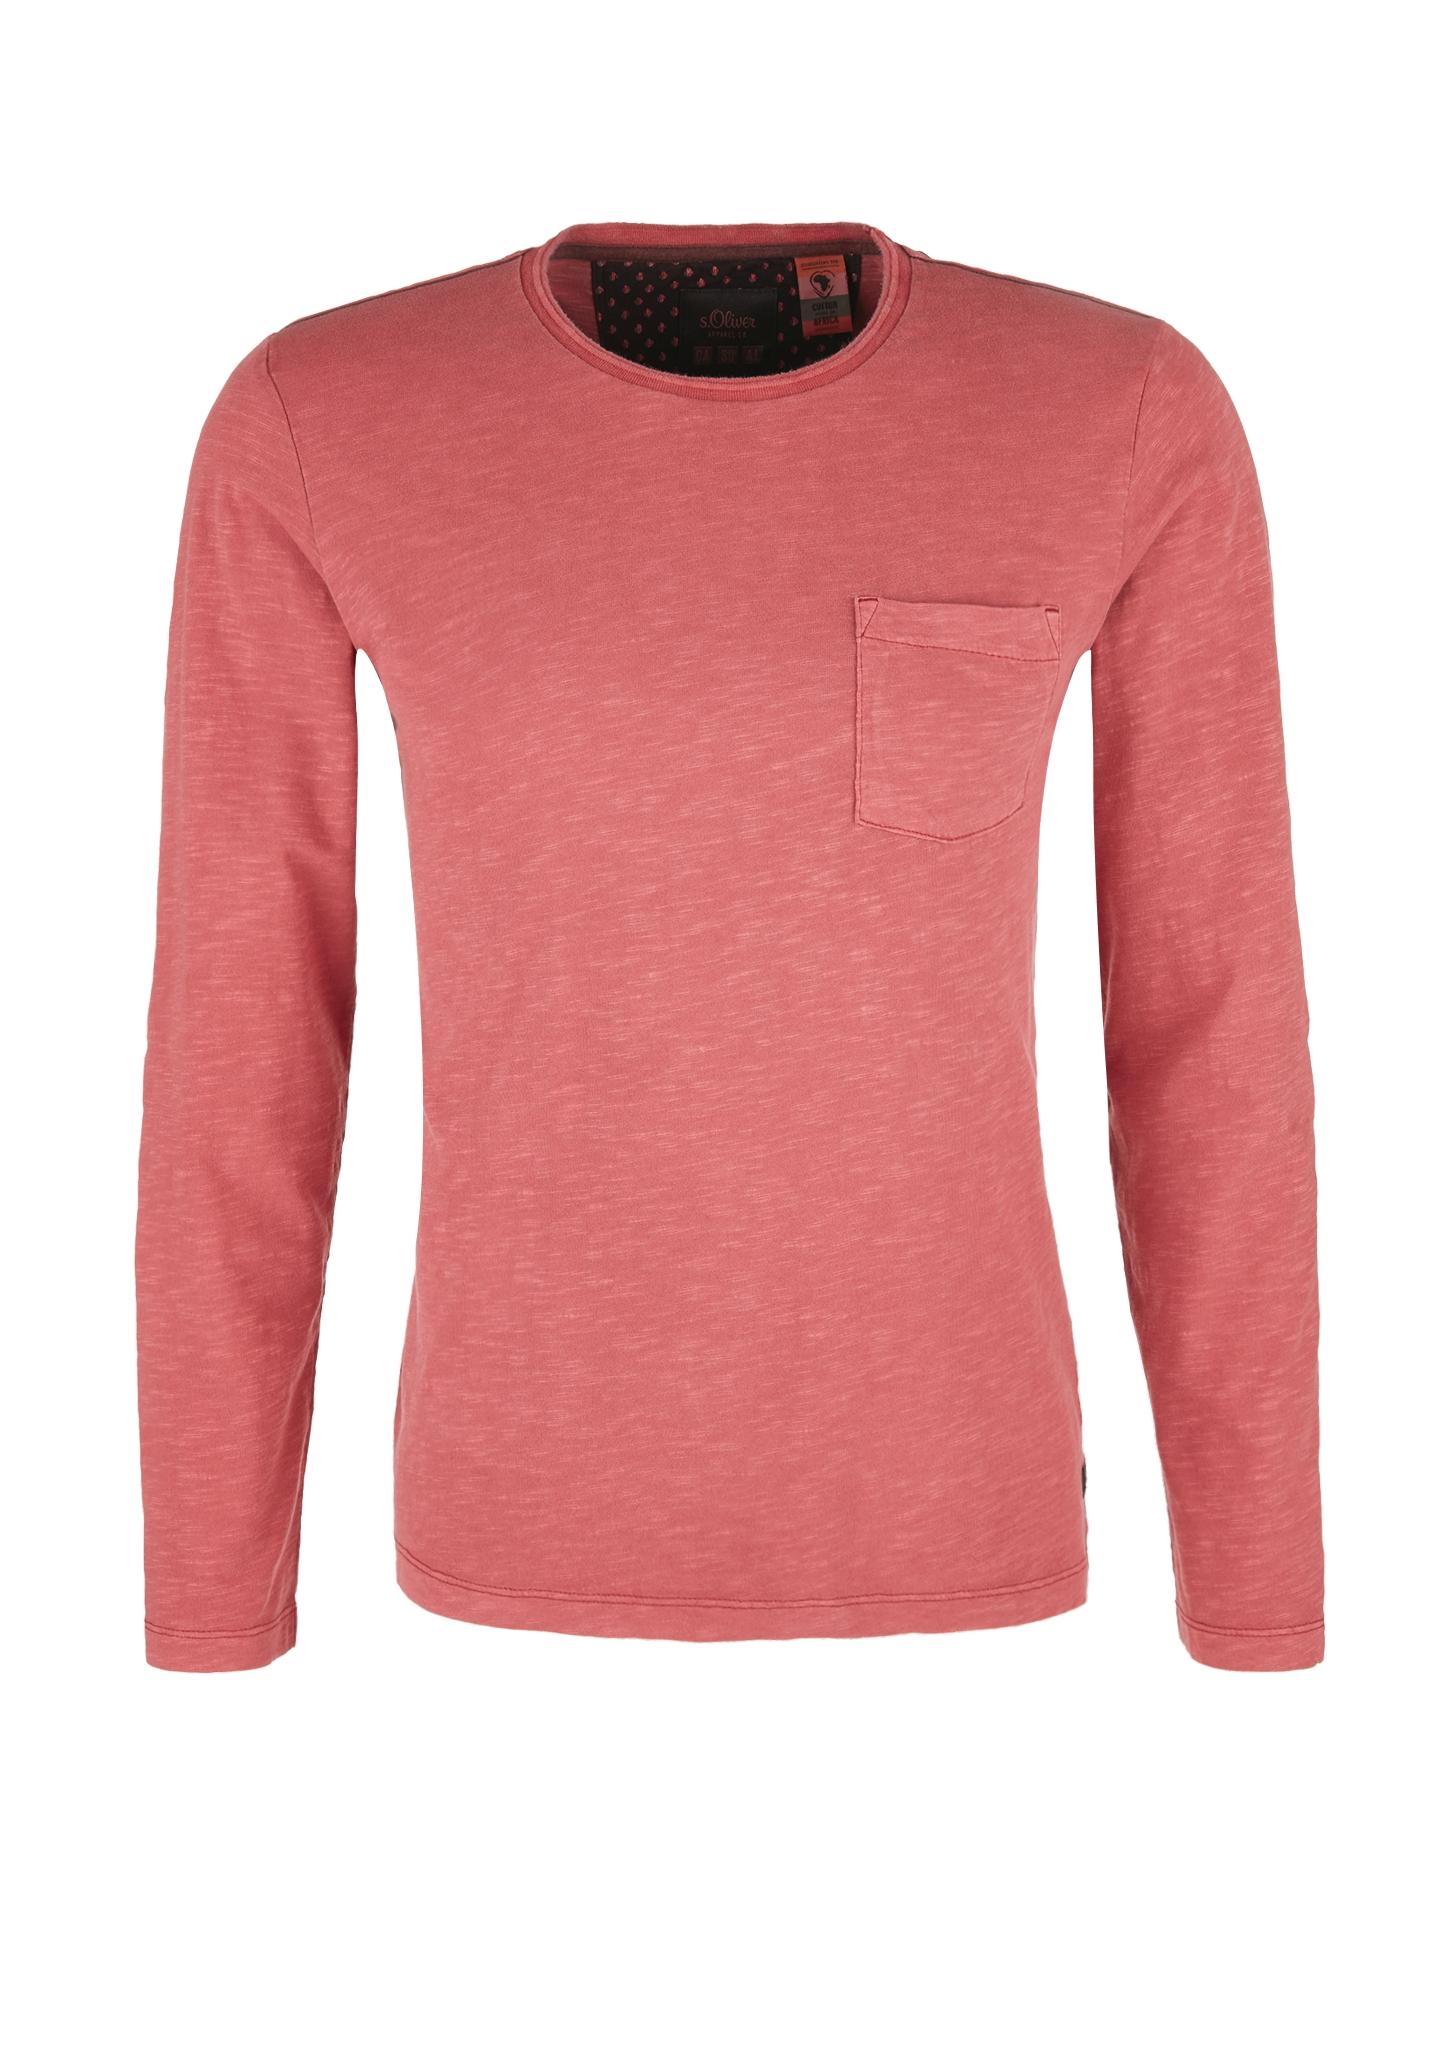 Langarmshirt   Bekleidung > Shirts > Langarm Shirts   Rot   100% baumwolle   s.Oliver